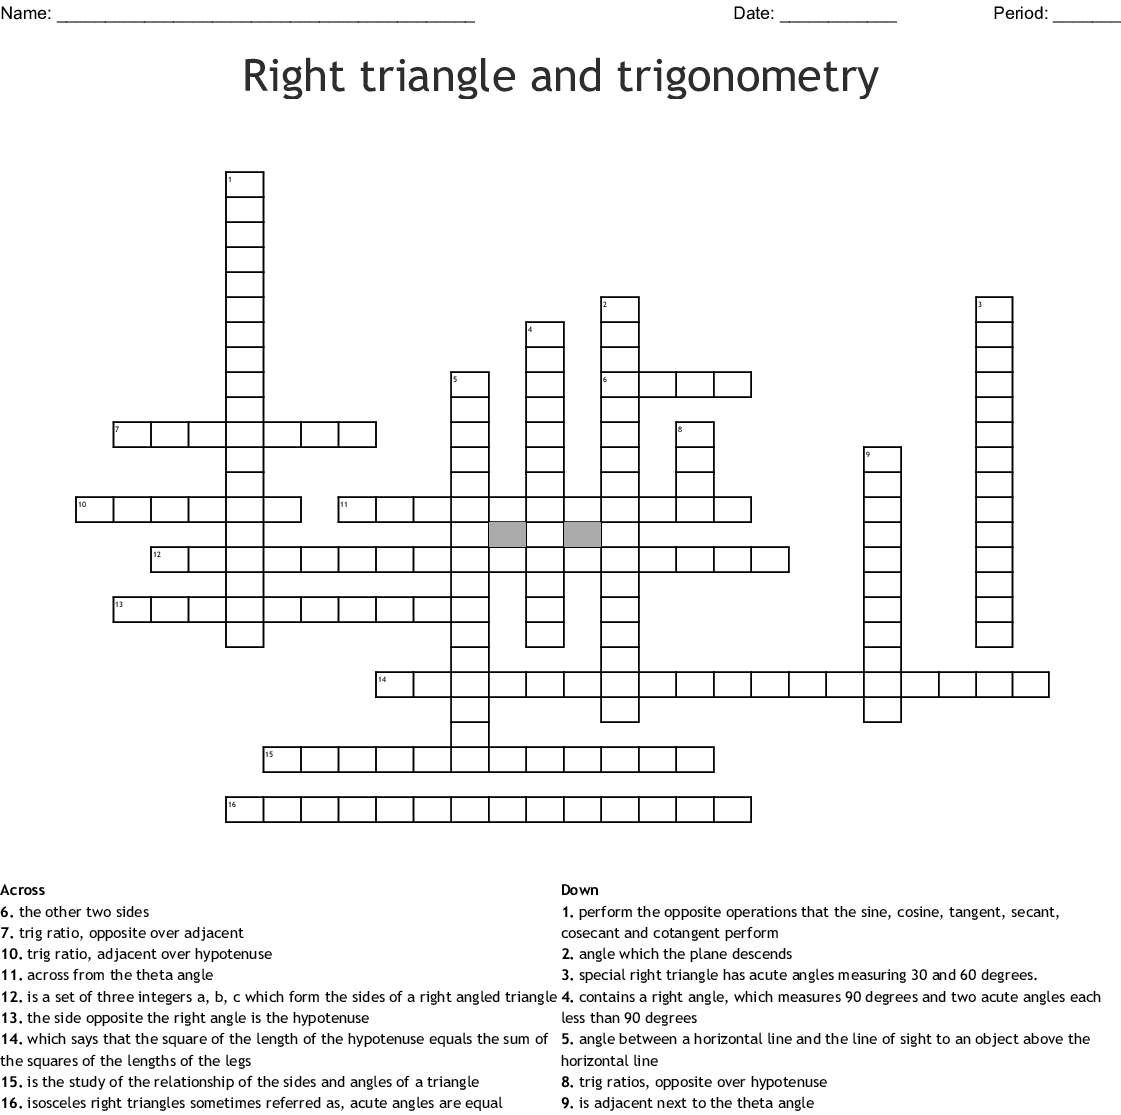 Trigonometry Crossword